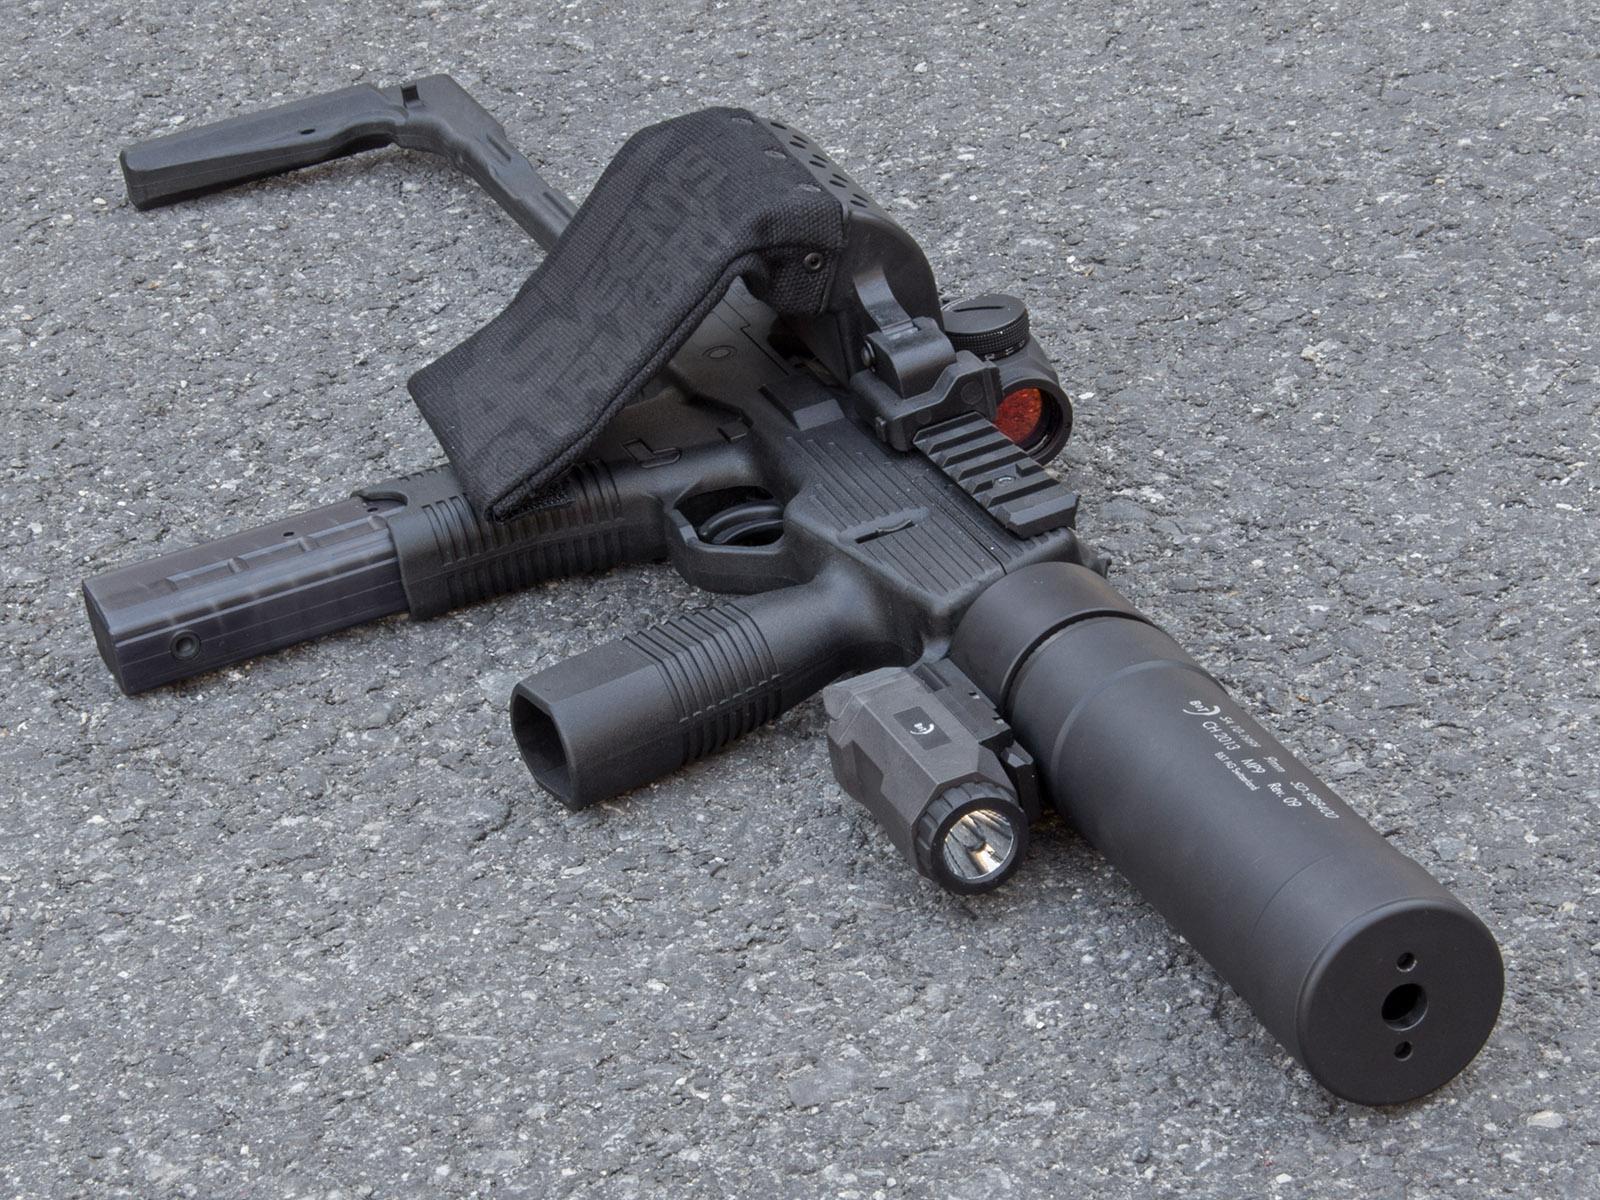 Открытки, картинки смешных пистолетов